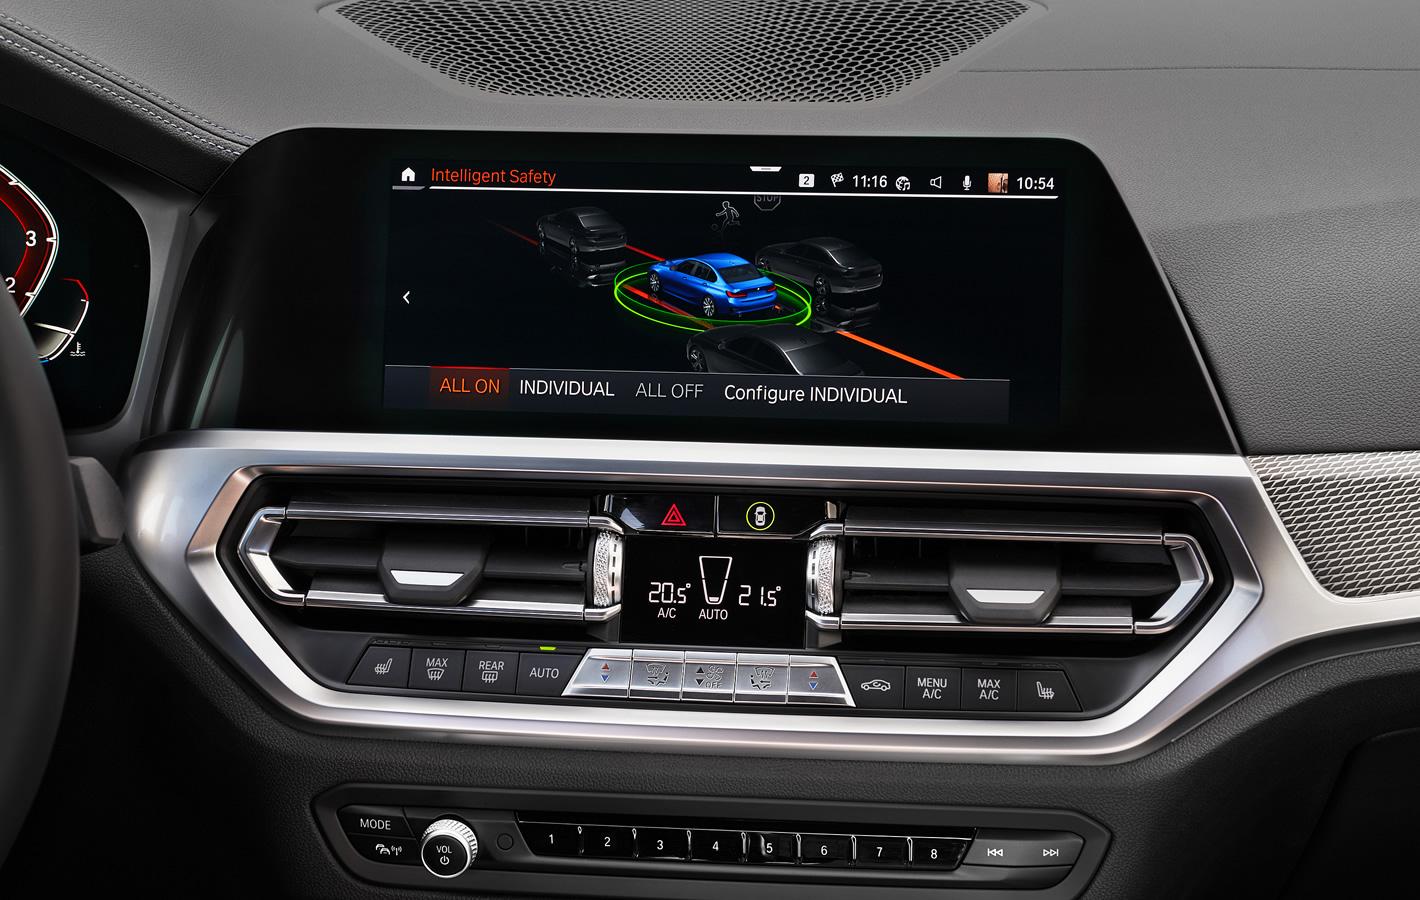 BMW 320d xDrive - systemy bezpieczeństwa i wsparcia kierowcy